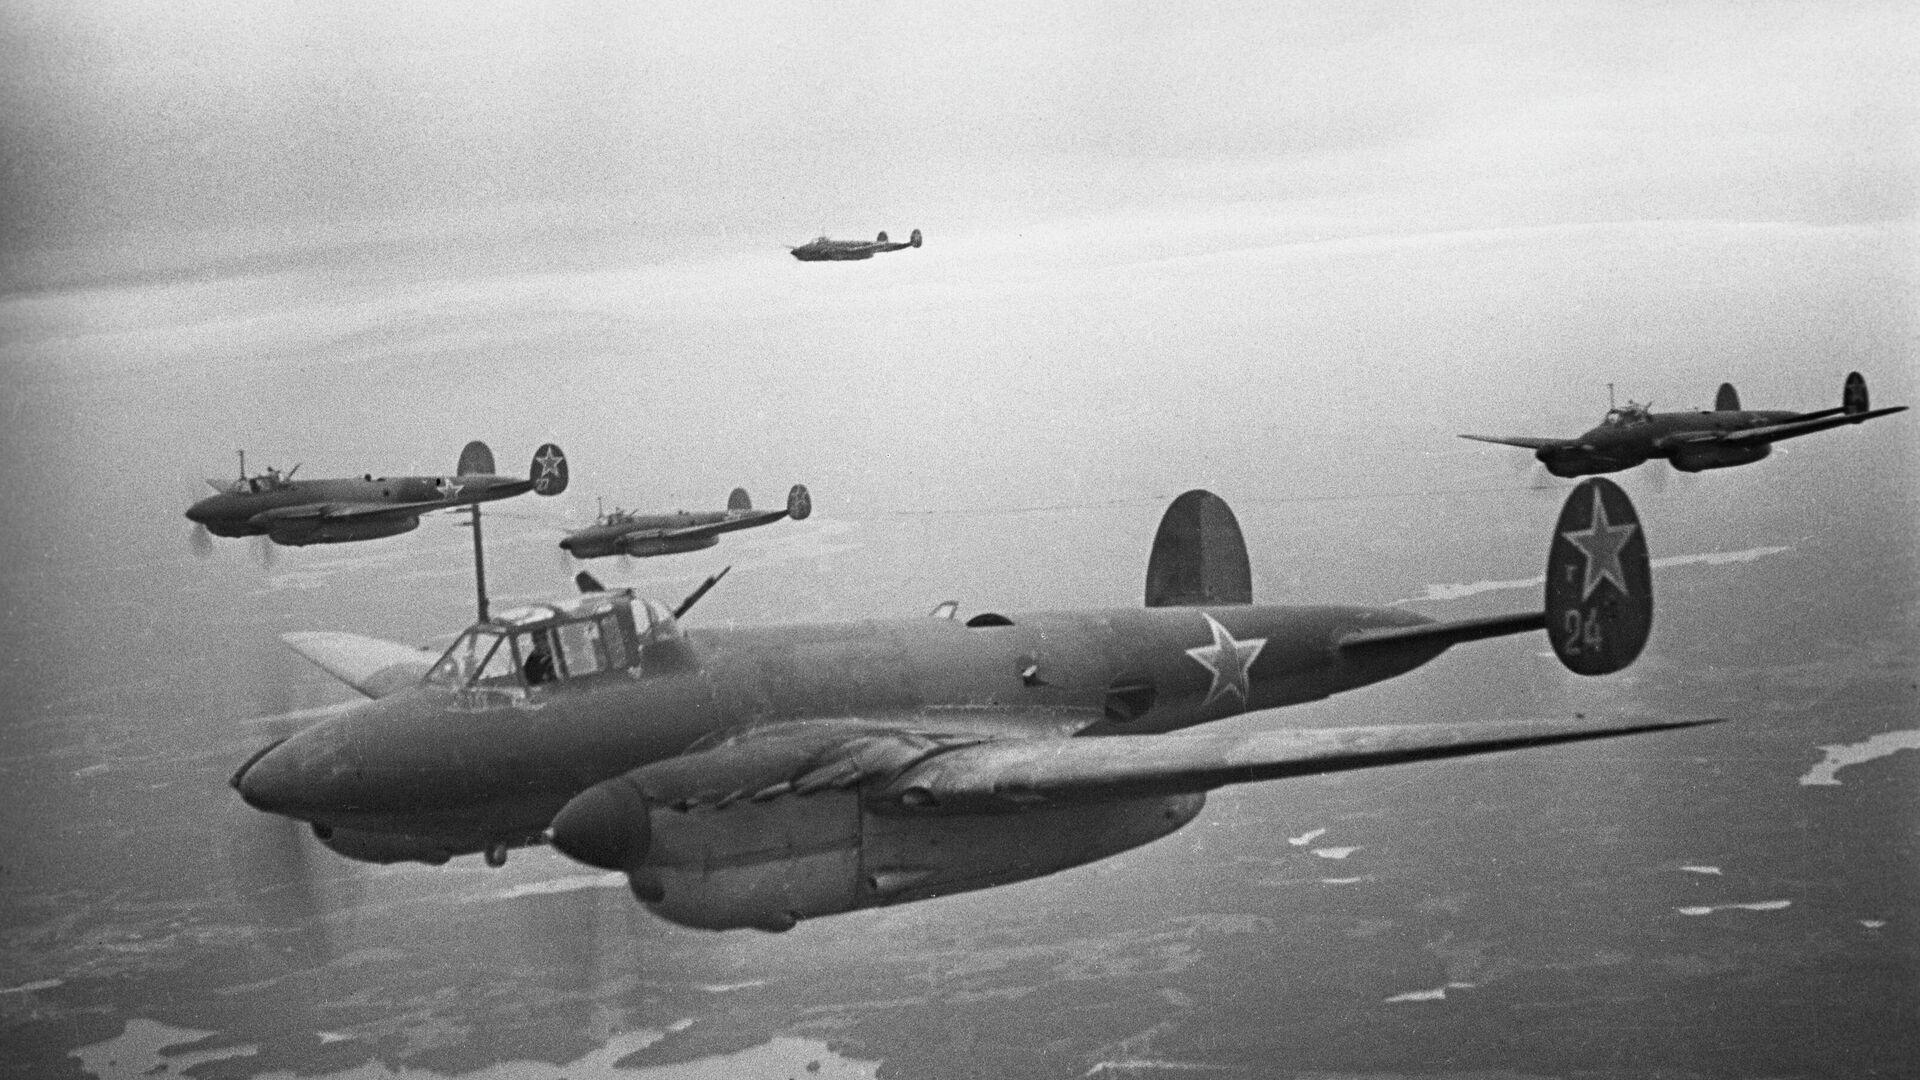 Бомбардировщики 14-й воздушной Армия поддерживают войска Волховского фронта при прорыве блокады Ленинграда - РИА Новости, 1920, 11.05.2021